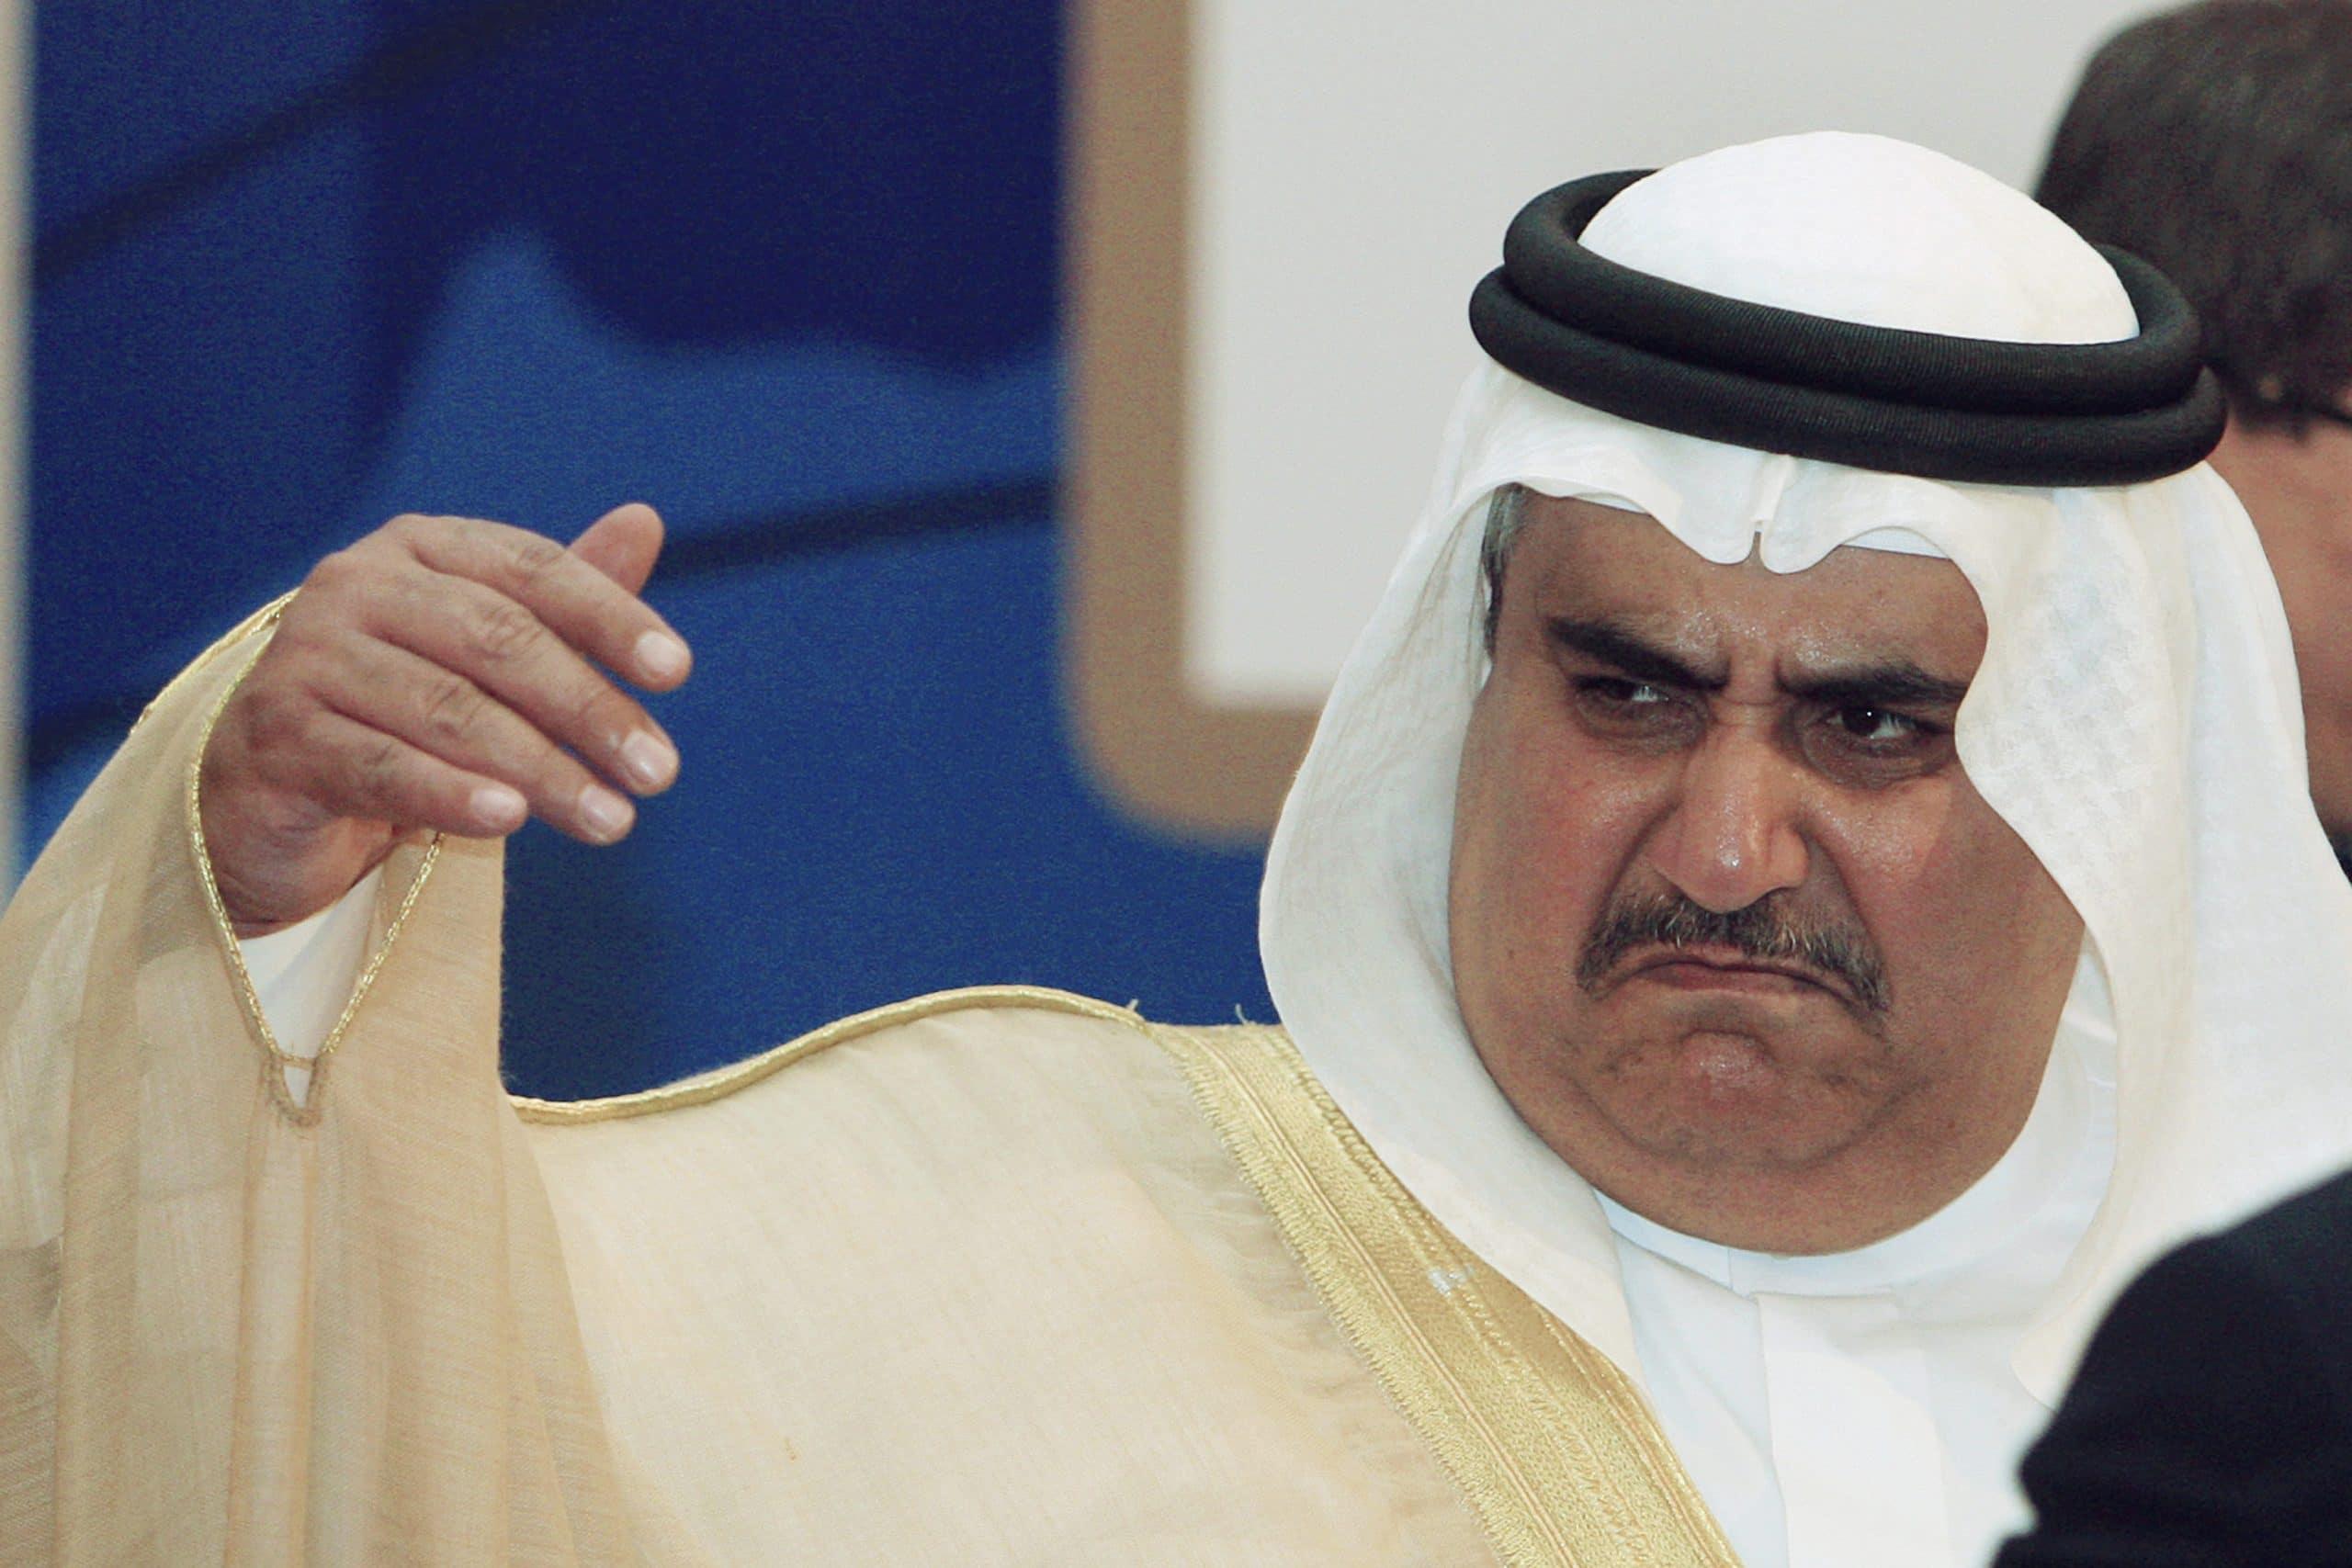 مستشار ملك البحرين يشعل خلافاً مع قطر حول الجزر الحدودية